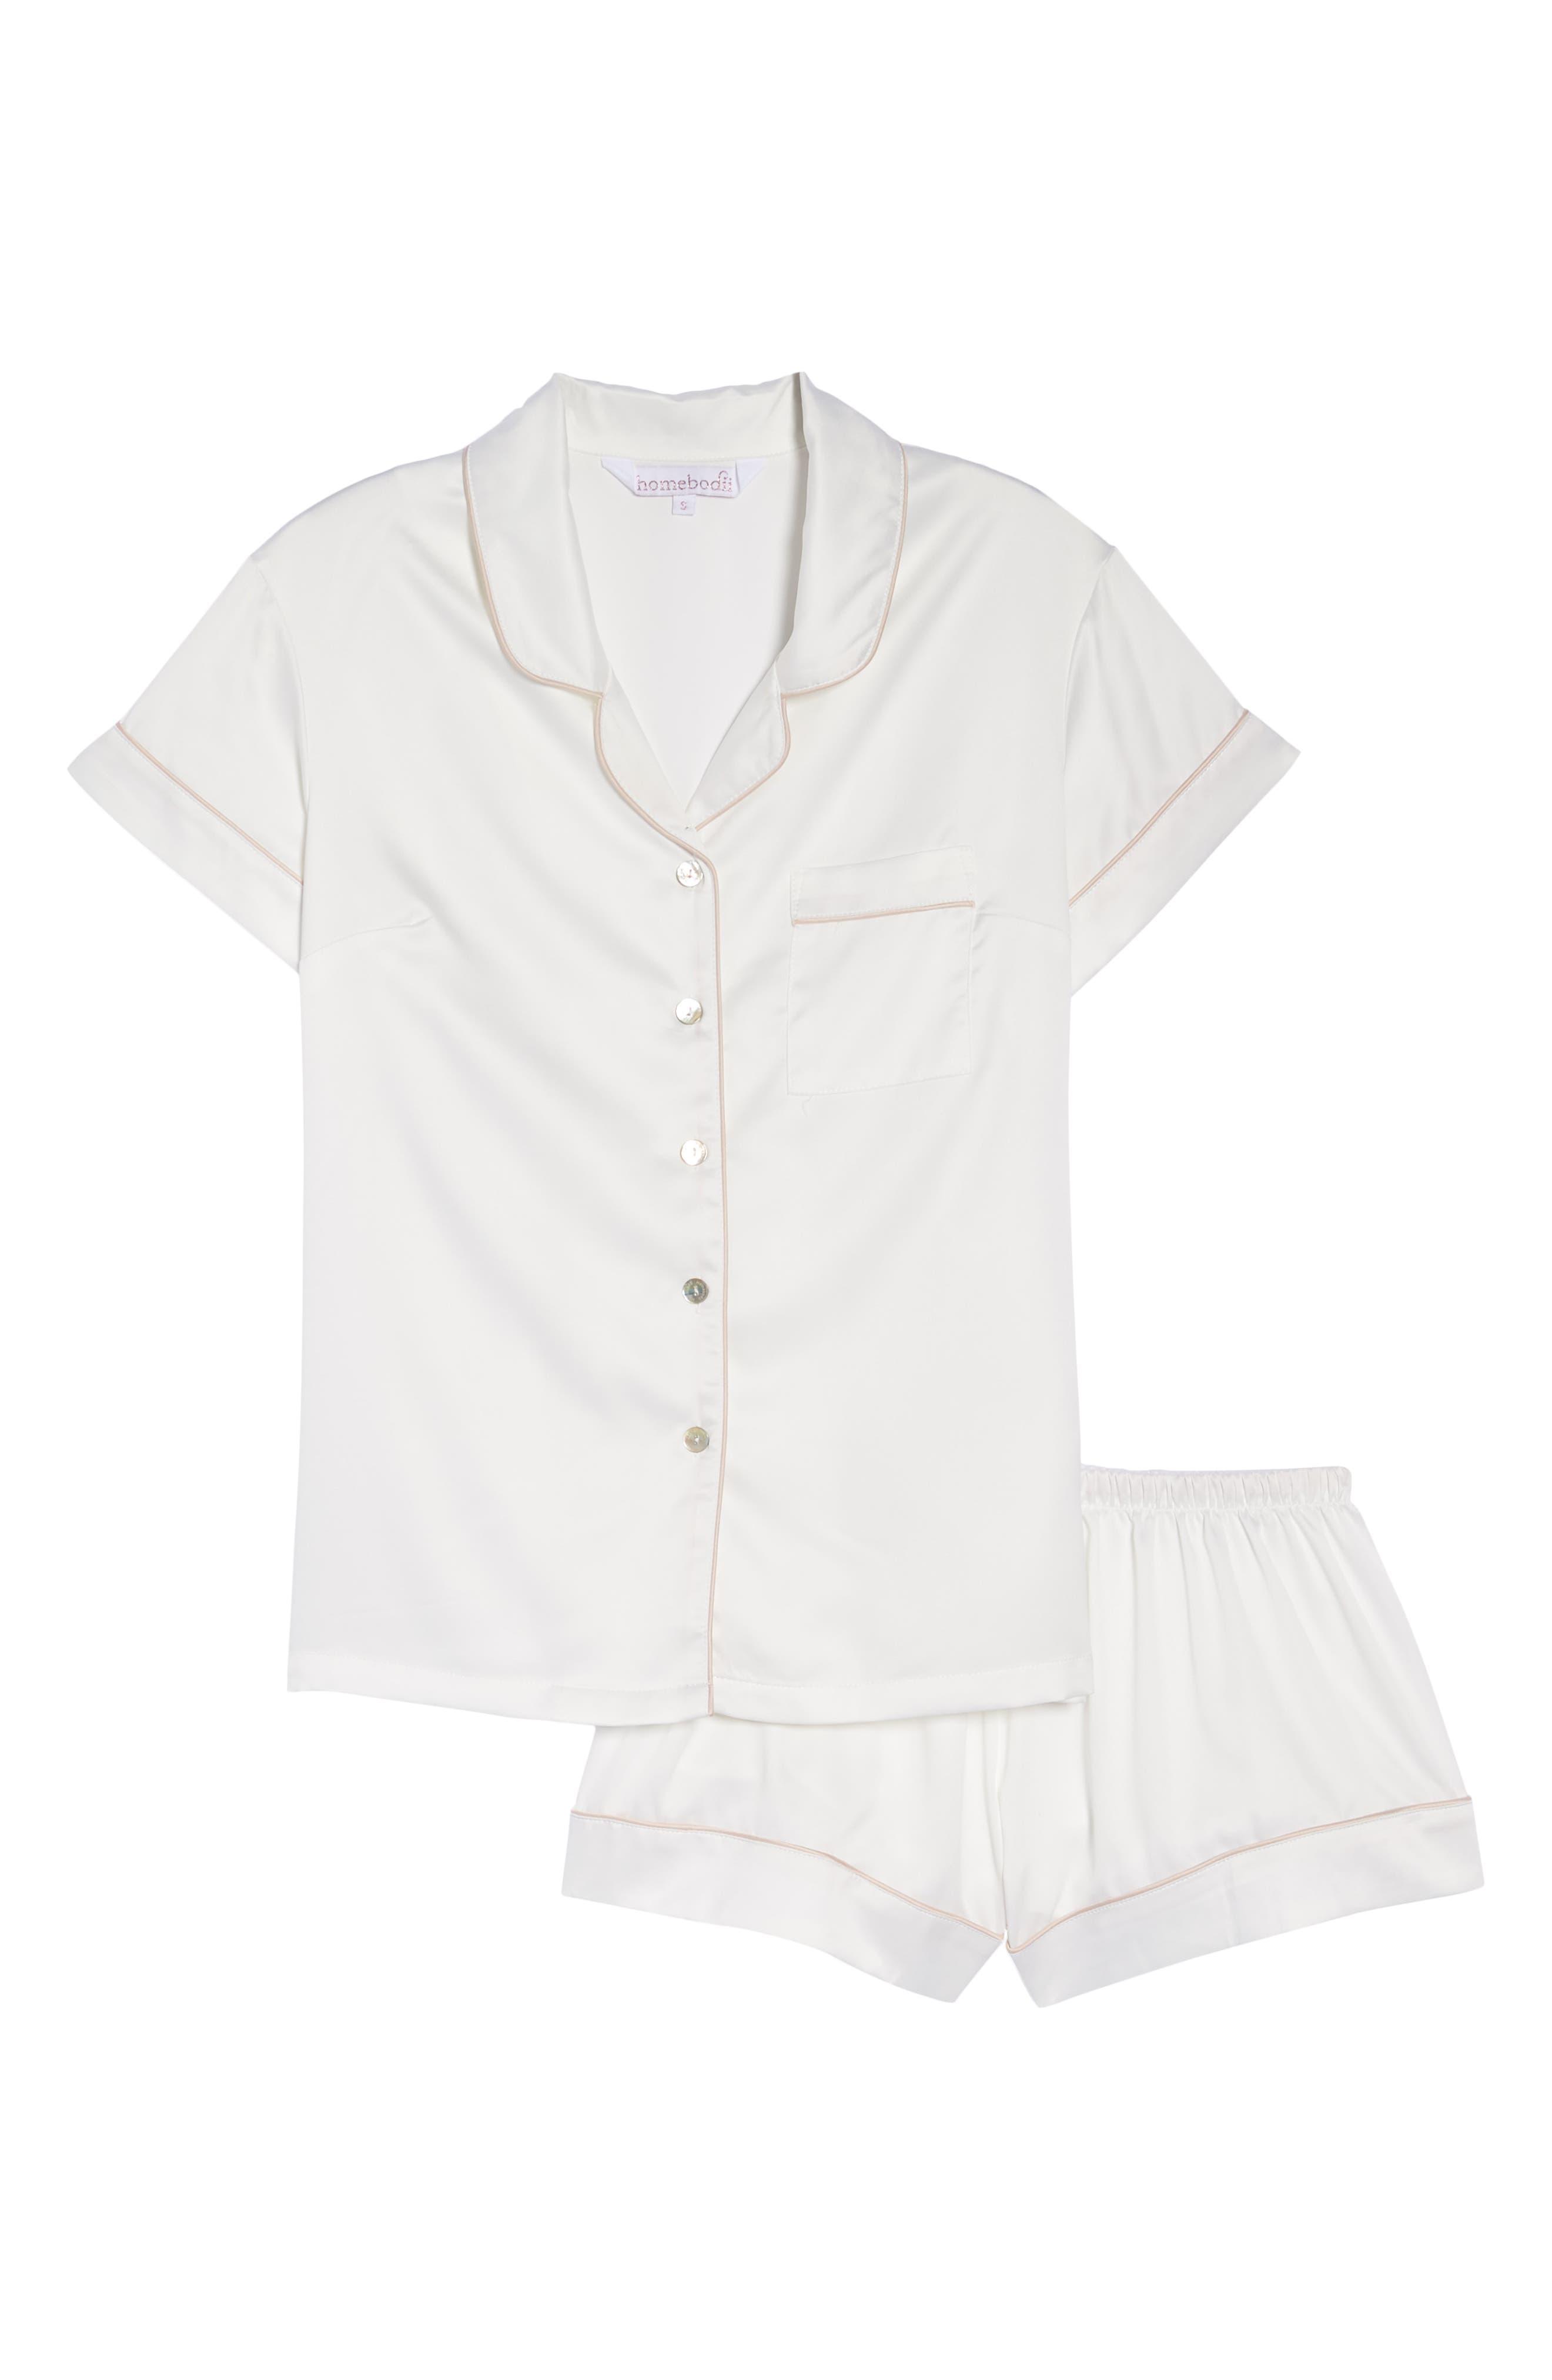 Piped Short Pajamas,                             Alternate thumbnail 6, color,                             100